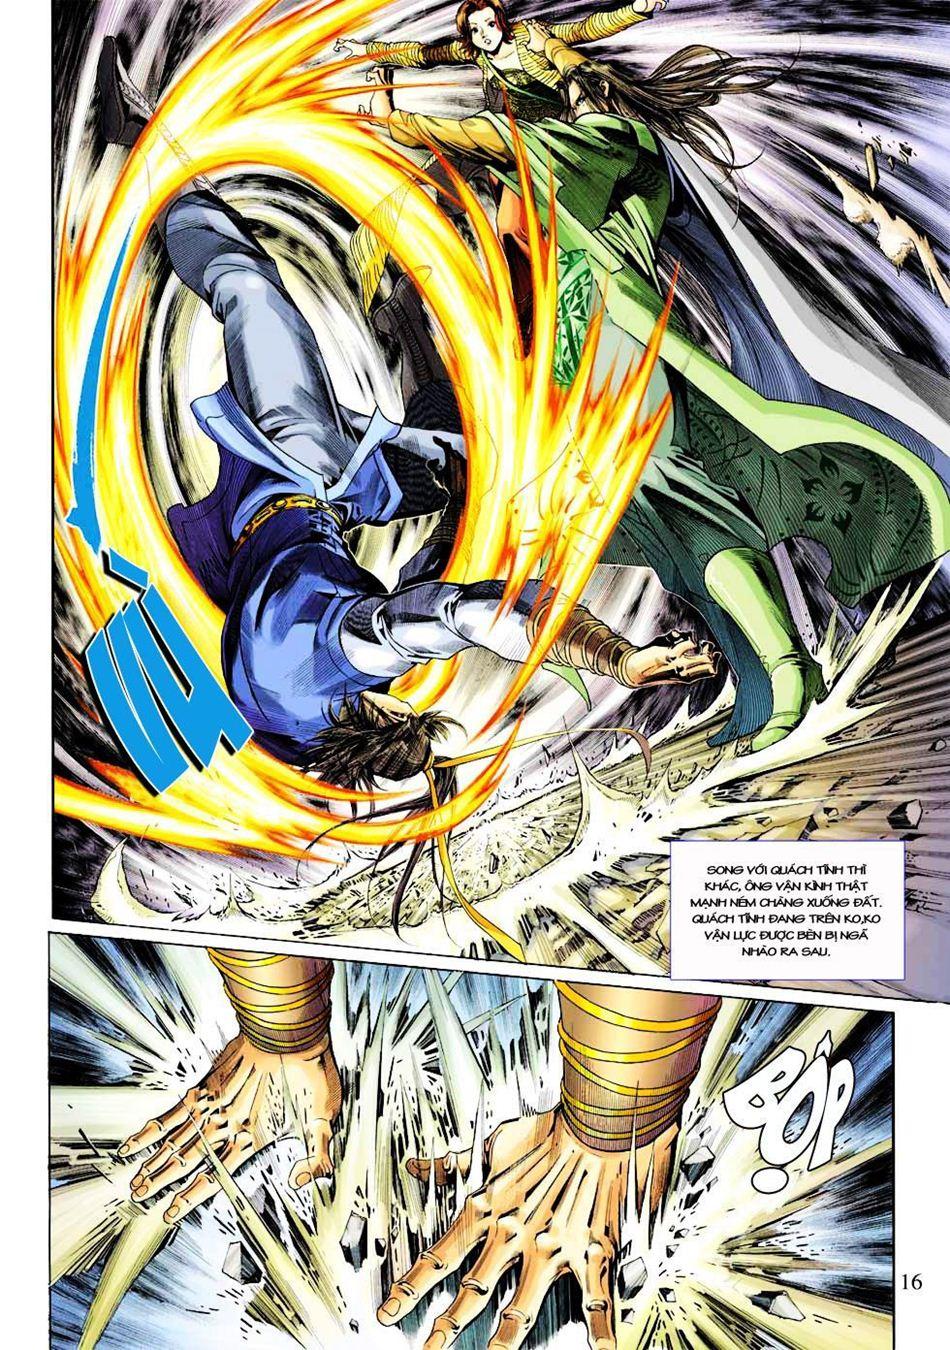 Anh Hùng Xạ Điêu anh hùng xạ đêu chap 33 trang 16